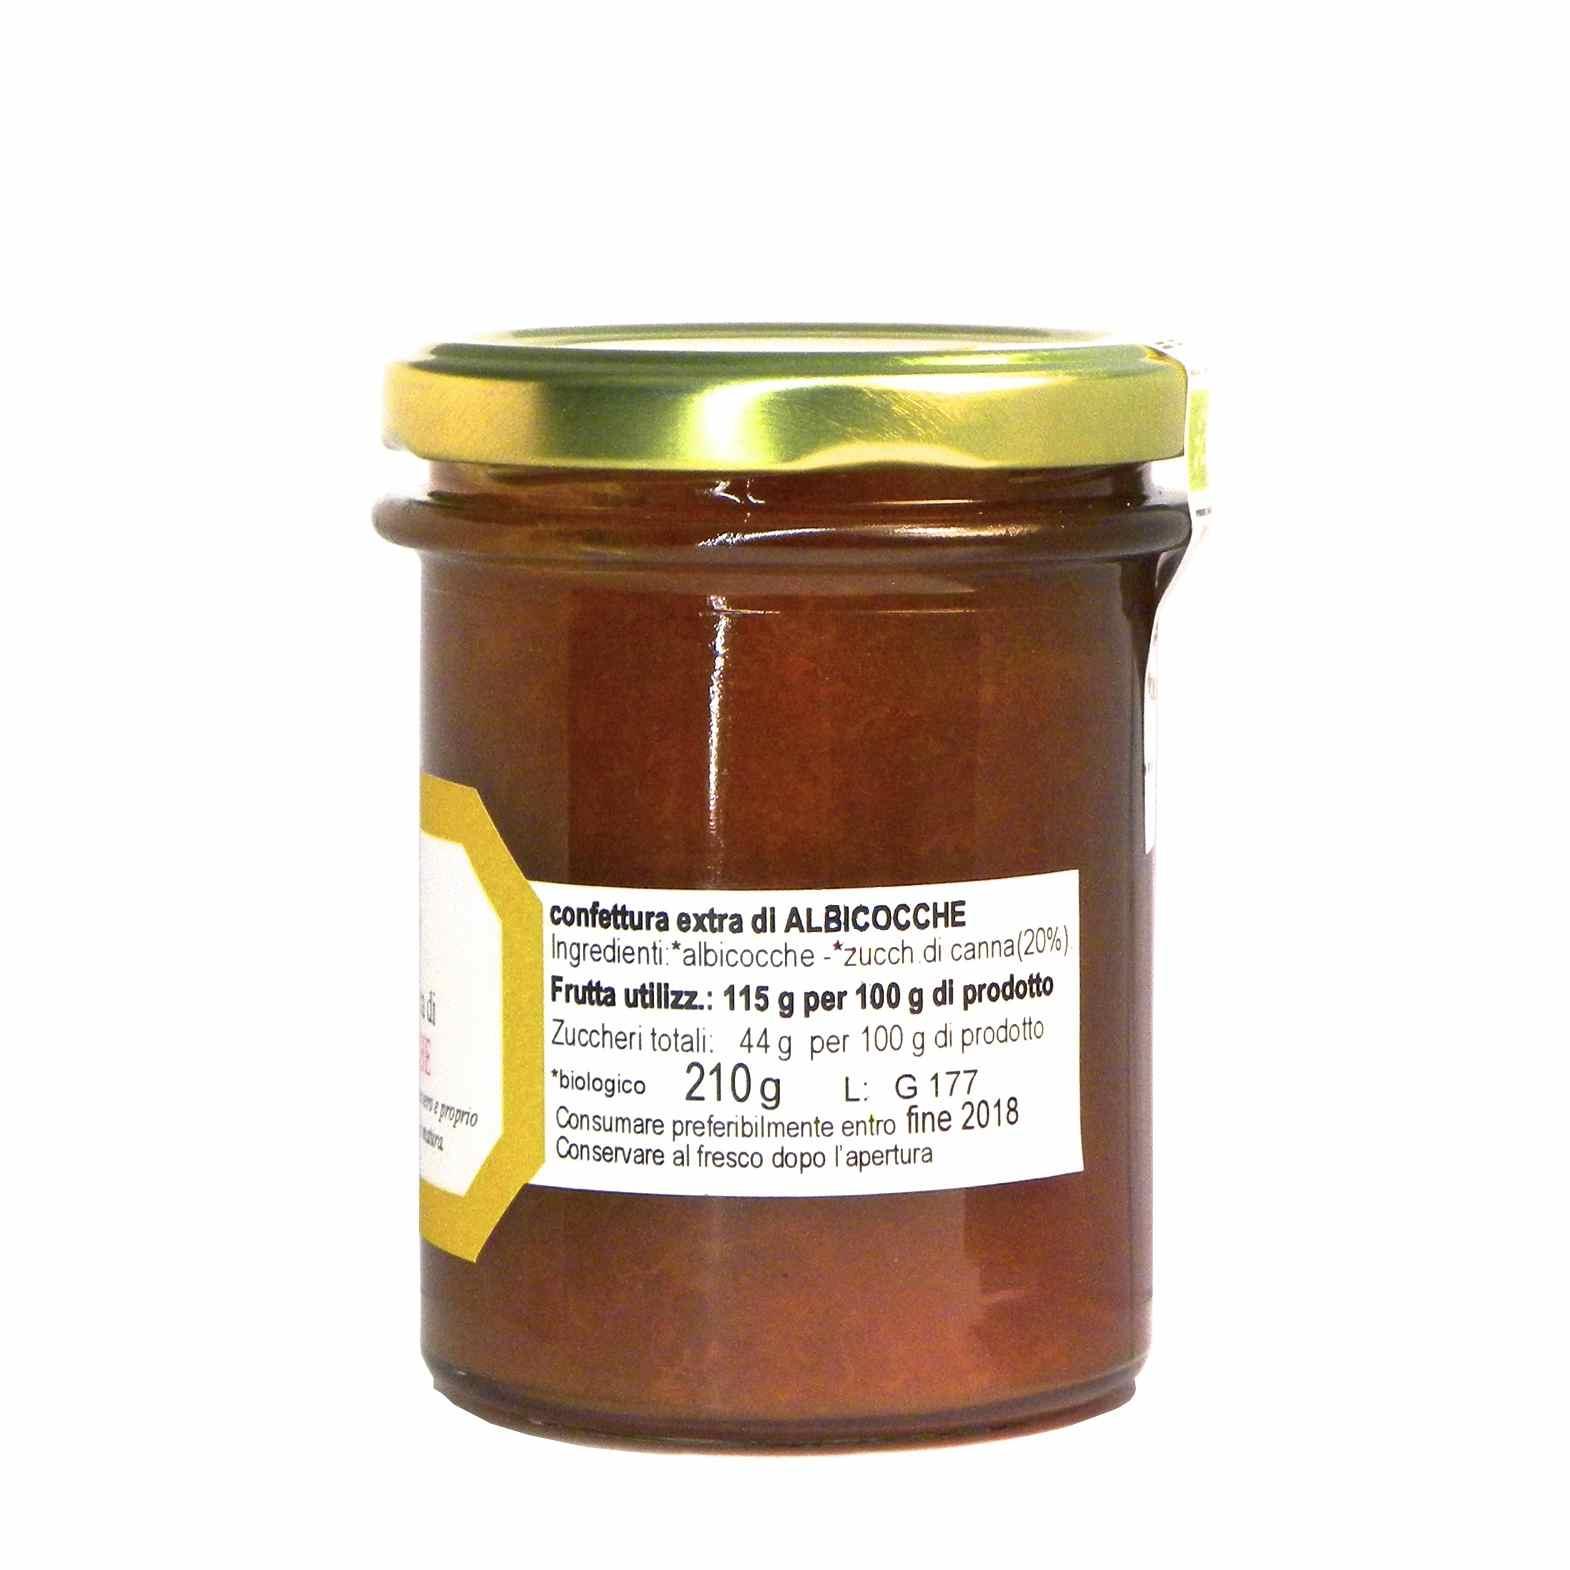 Fattoria Moldano Confettura Extra Albicocche – Extra Apricot Jam – Gustorotondo – Italian food boutique